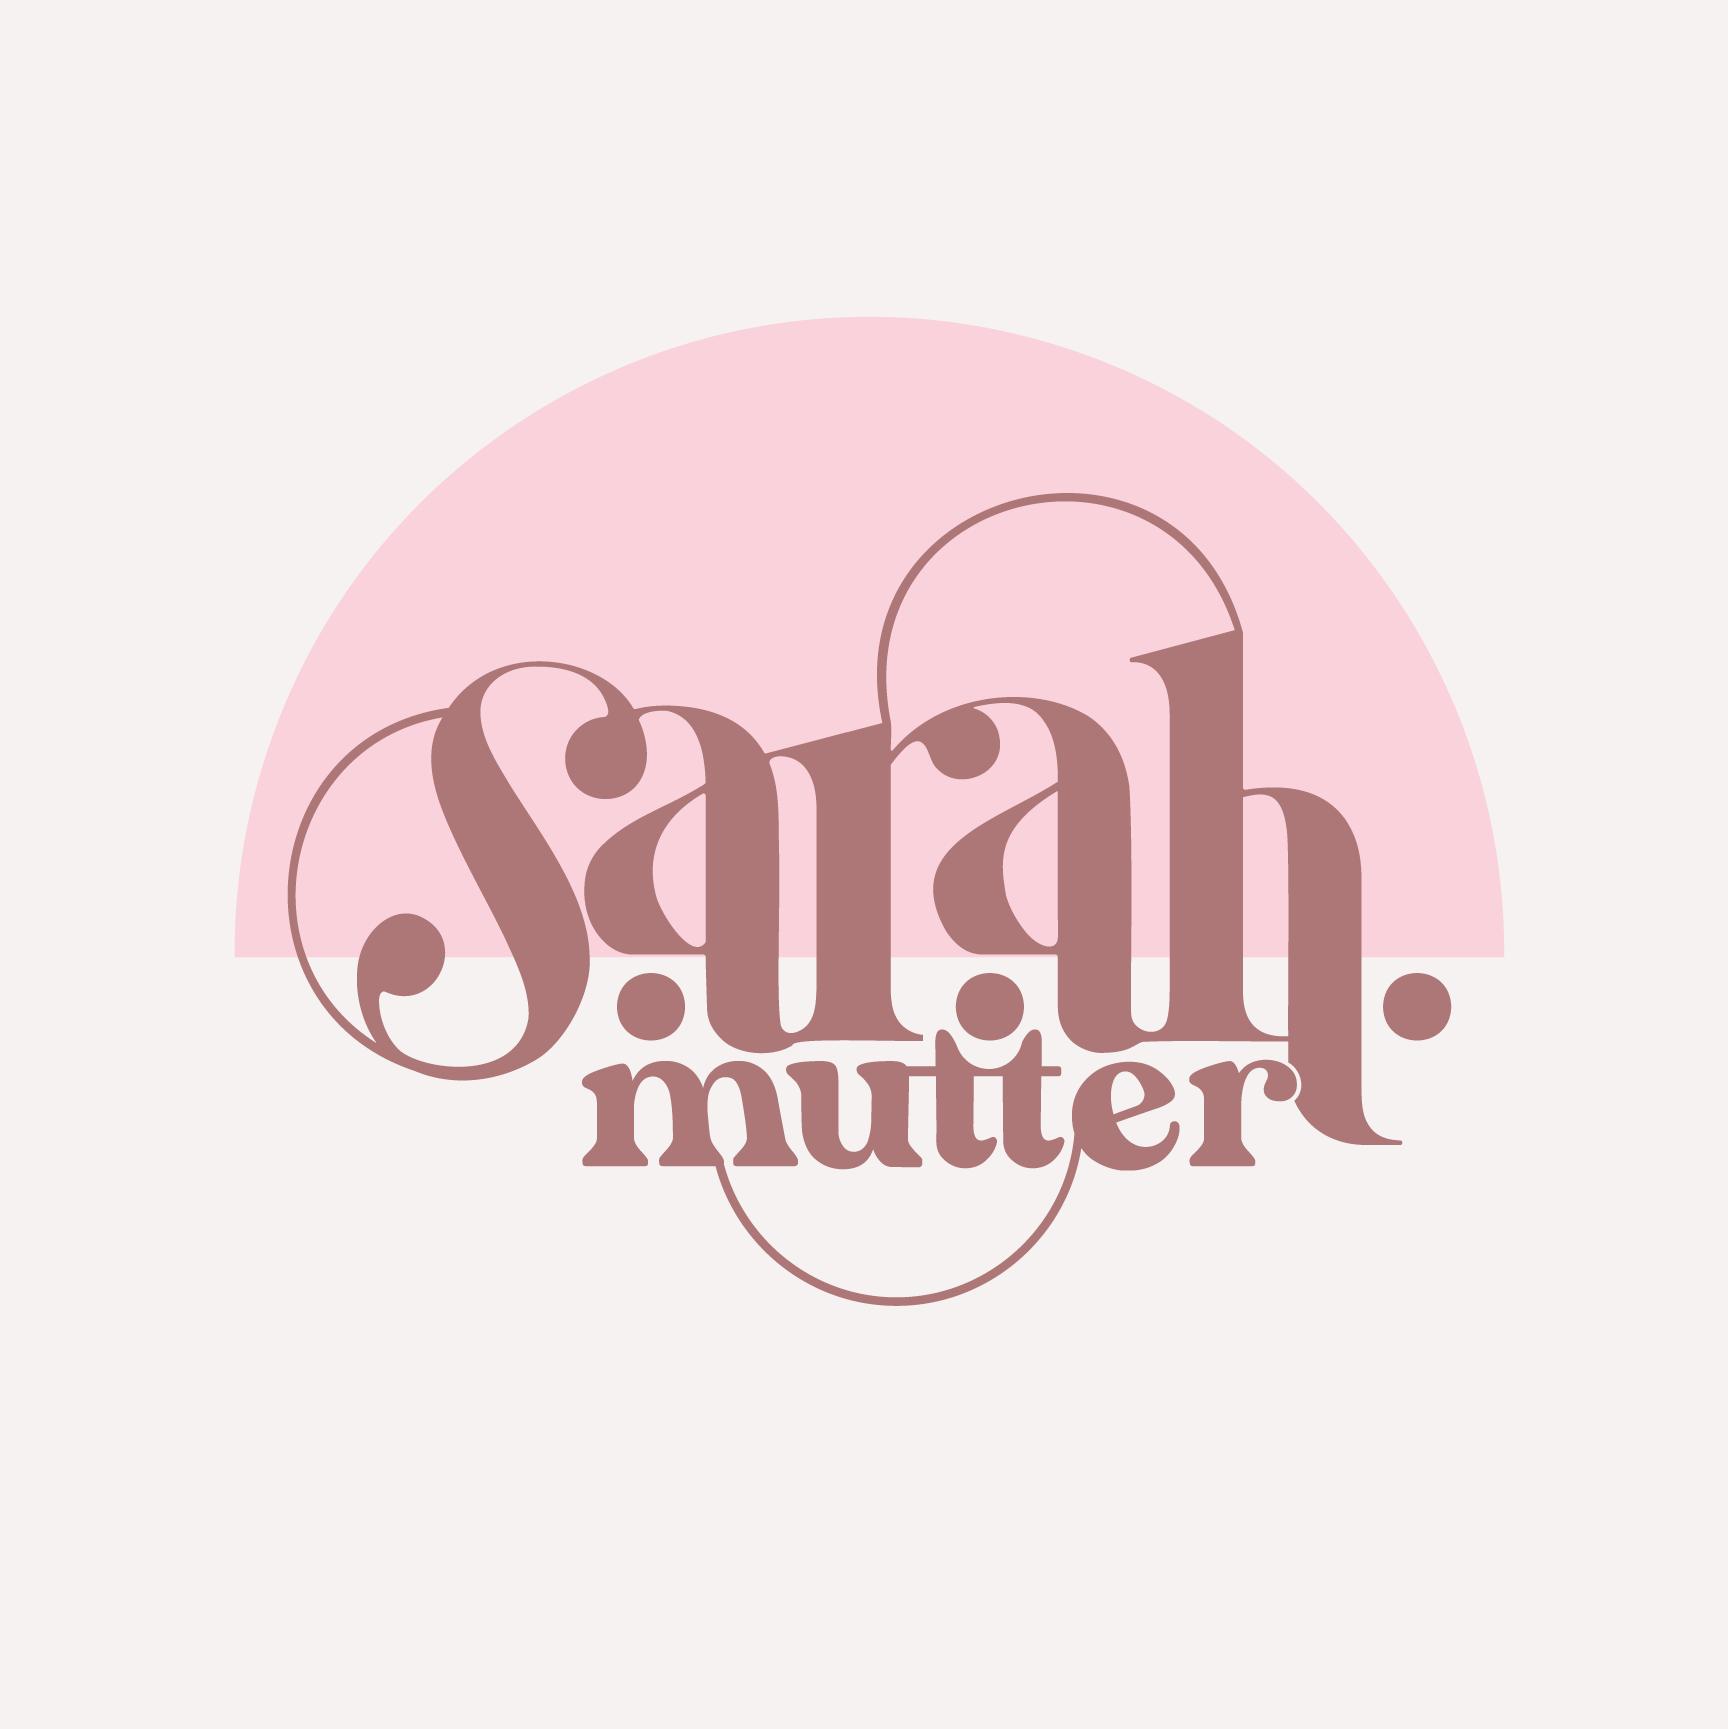 sarahmutter